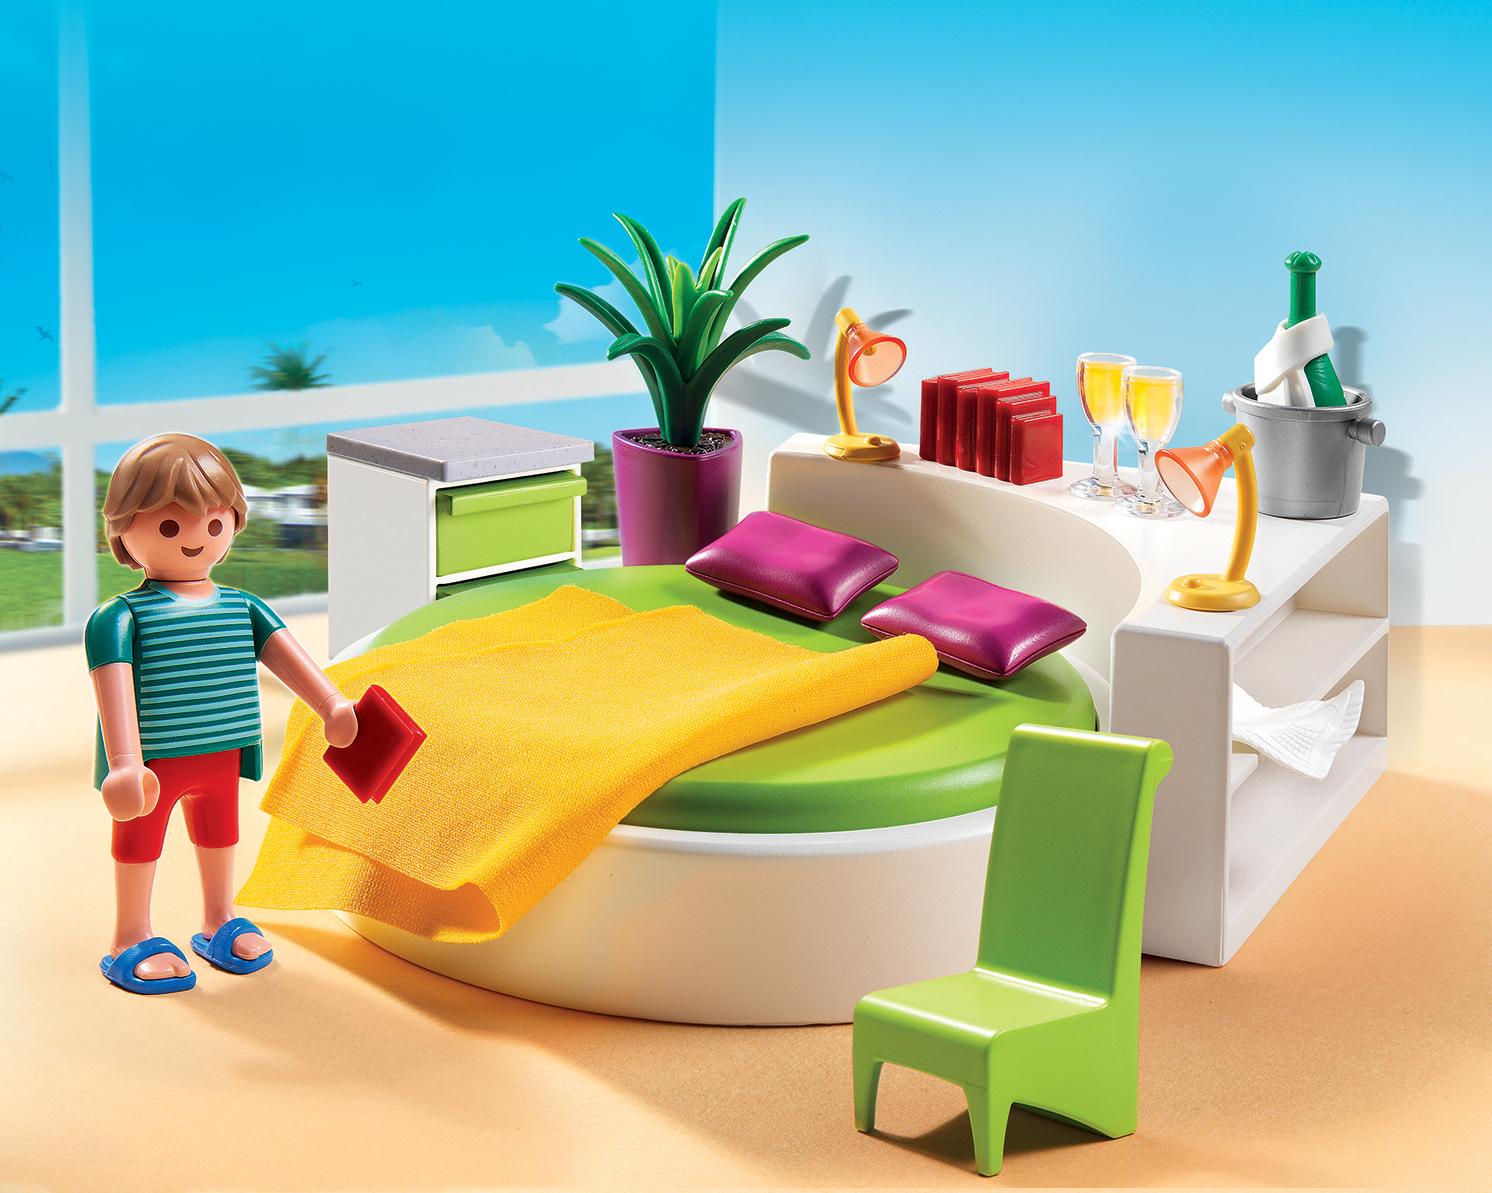 Dans la maison moderne playmobil il y a une chambre pour chaque enfant.